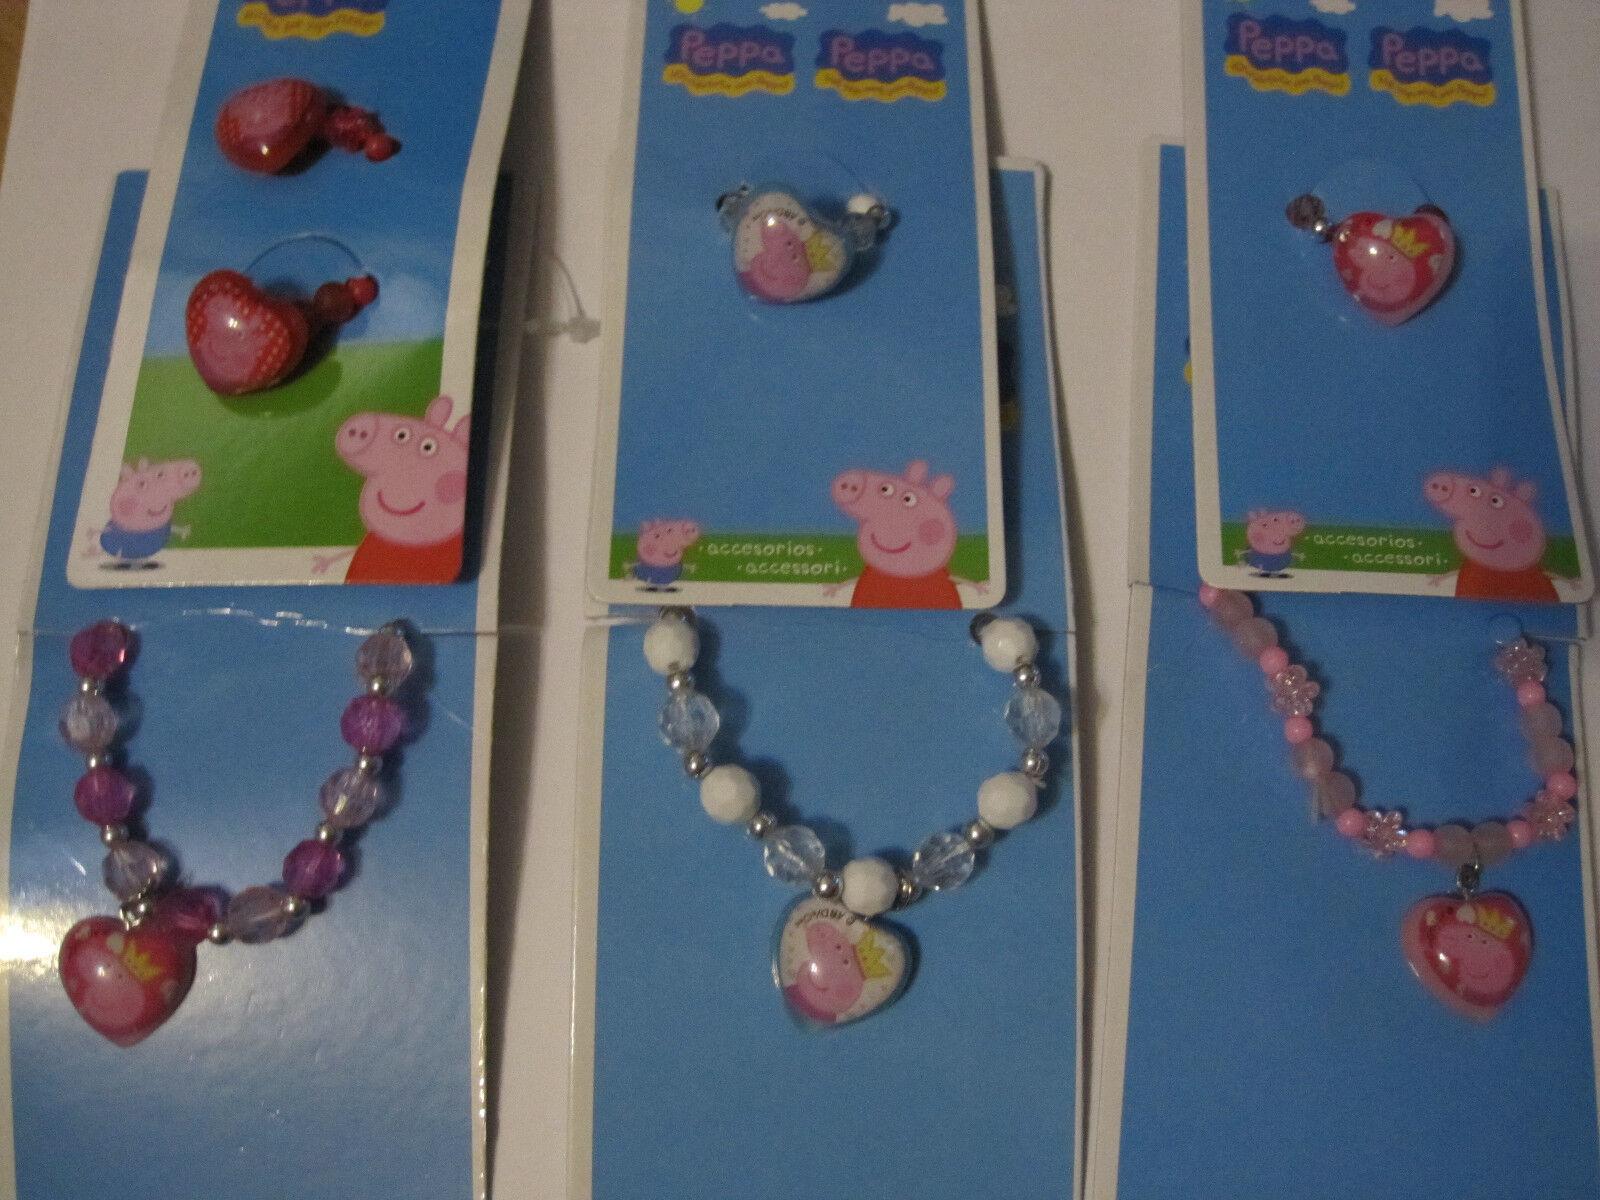 100 tlg Set Peppa Ringe Armband Haarband Pig Schweine Wurfmaterial Karneval